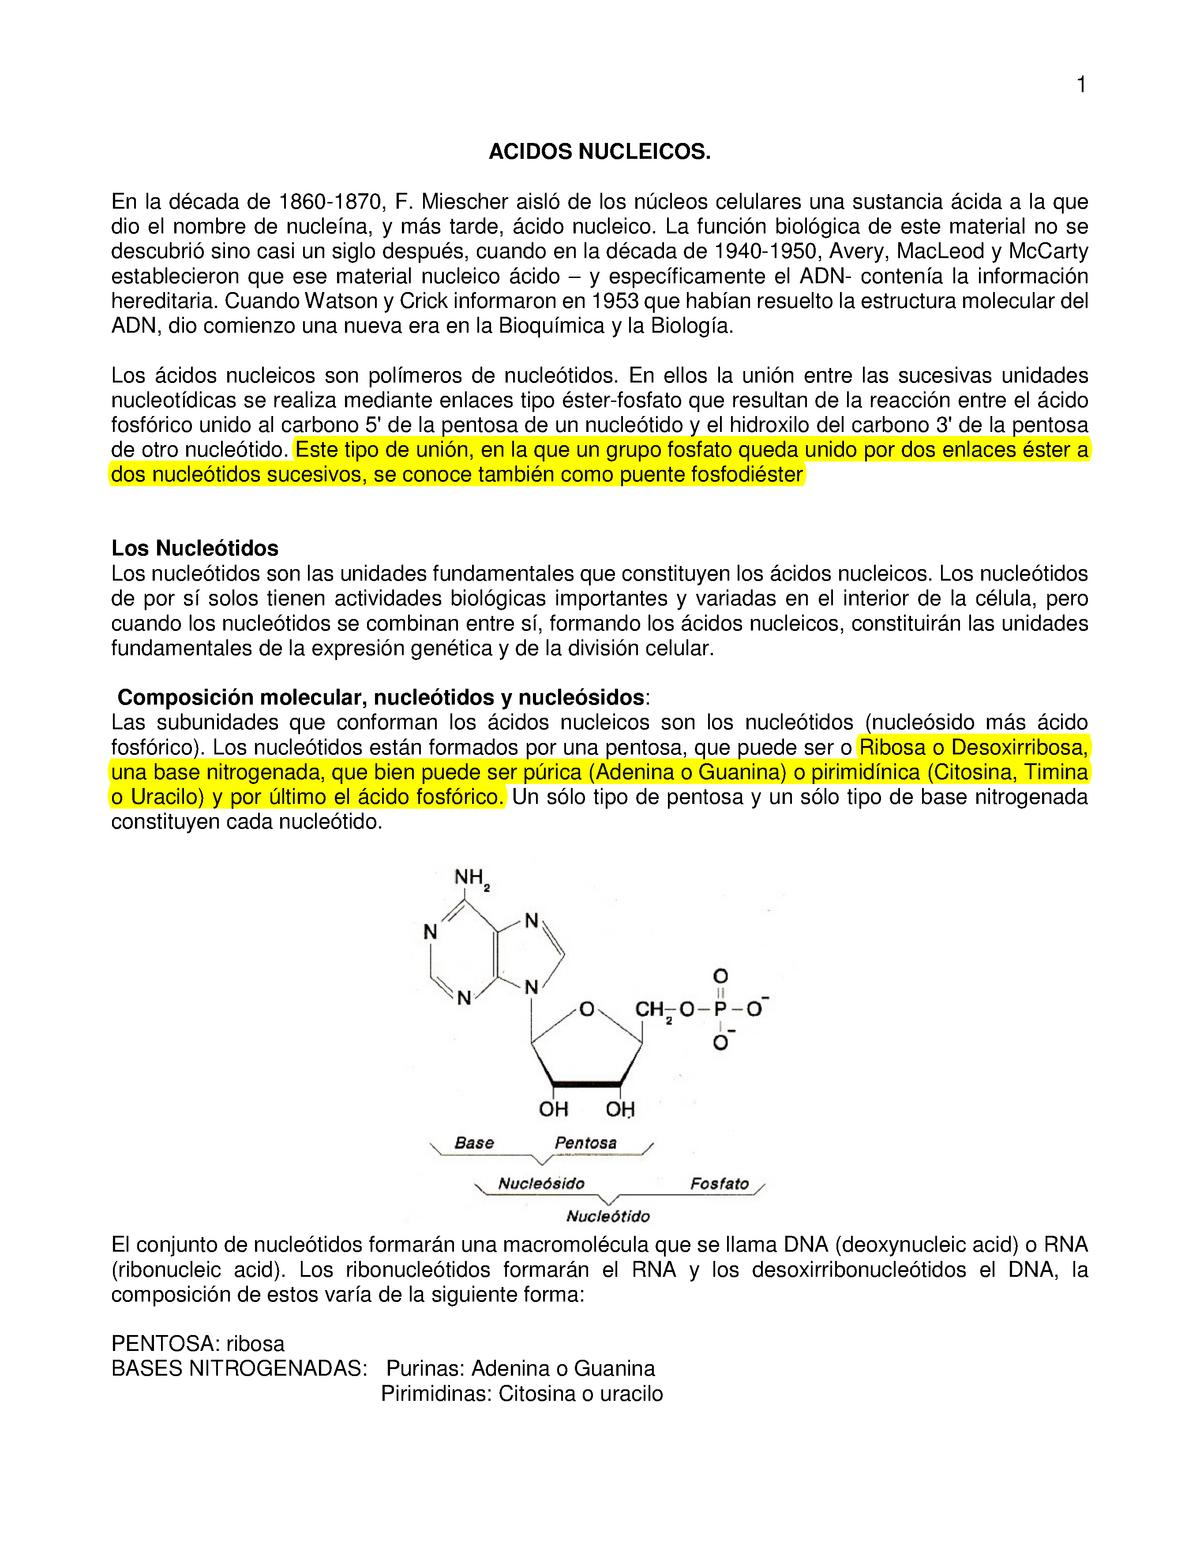 Acidos Nucleicos Colombia Contemporánea 2015229 Unal